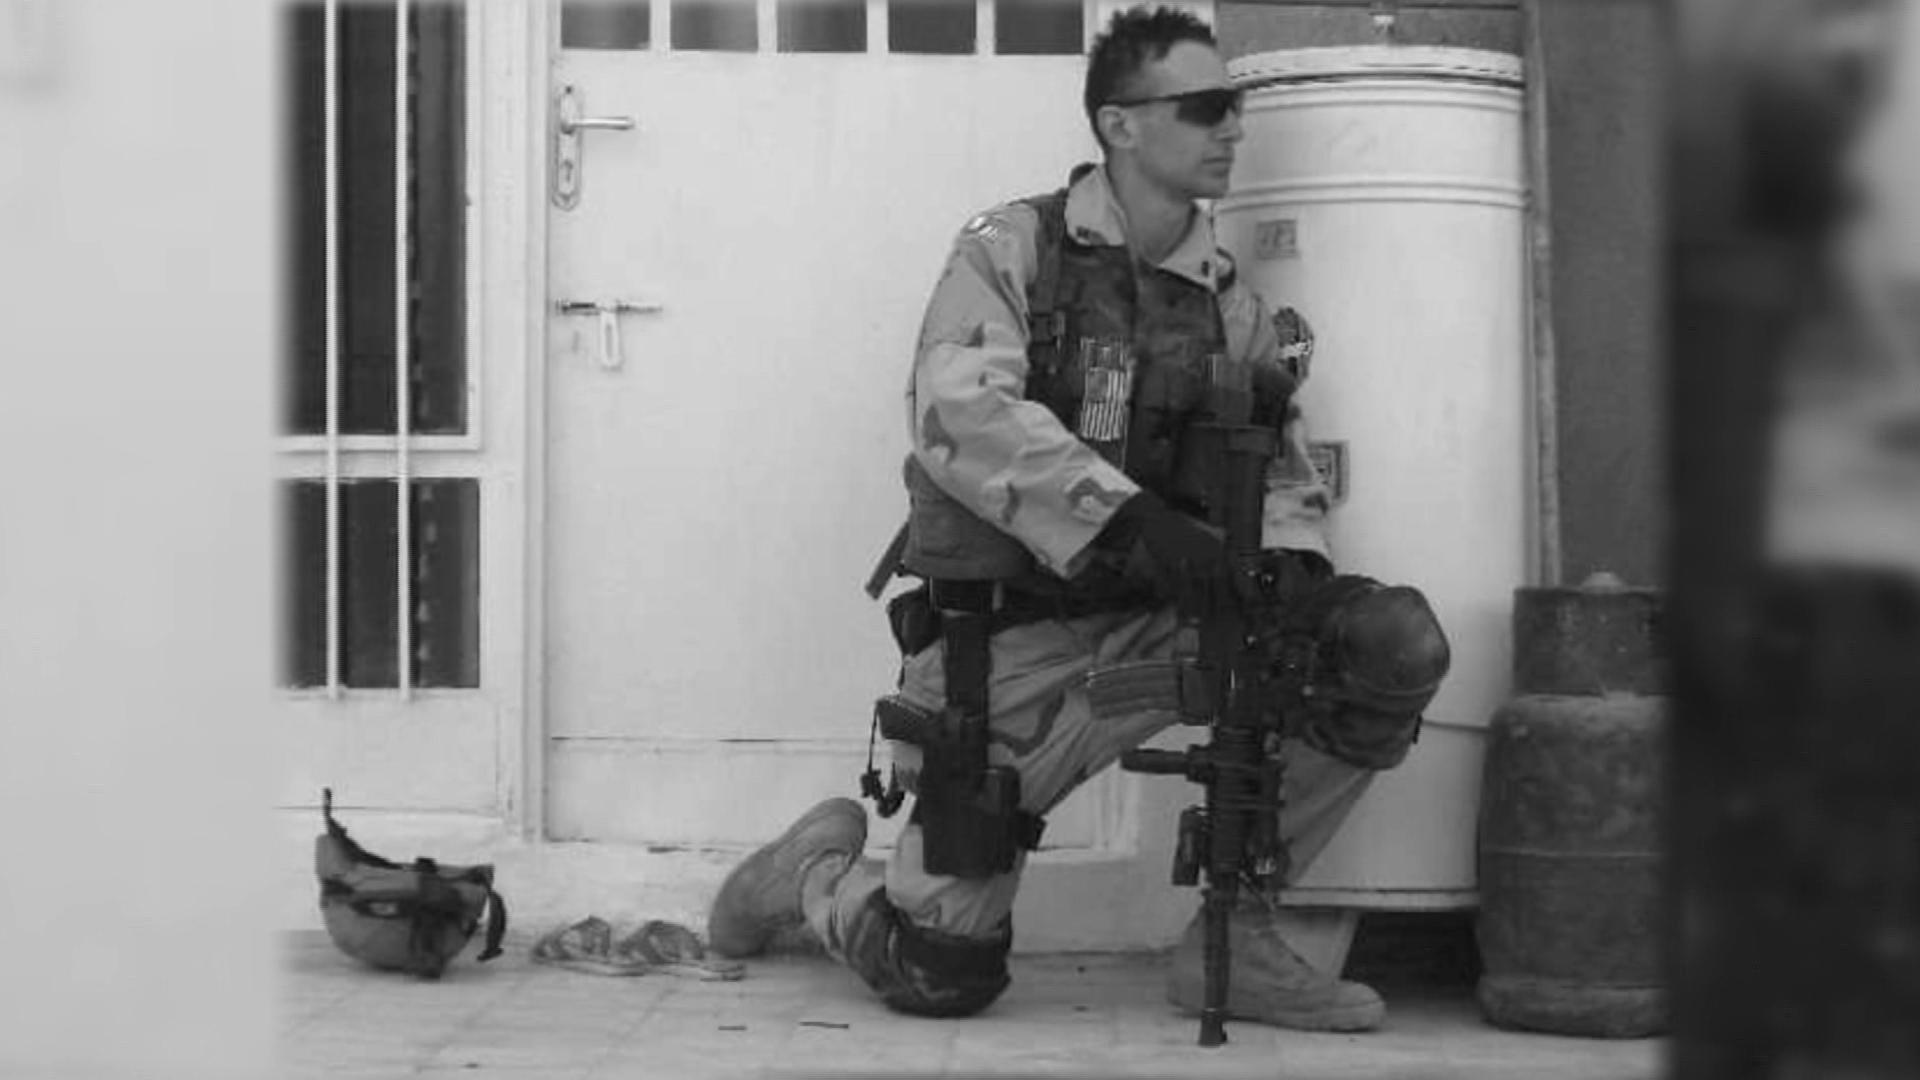 3m veteran suing-846655081